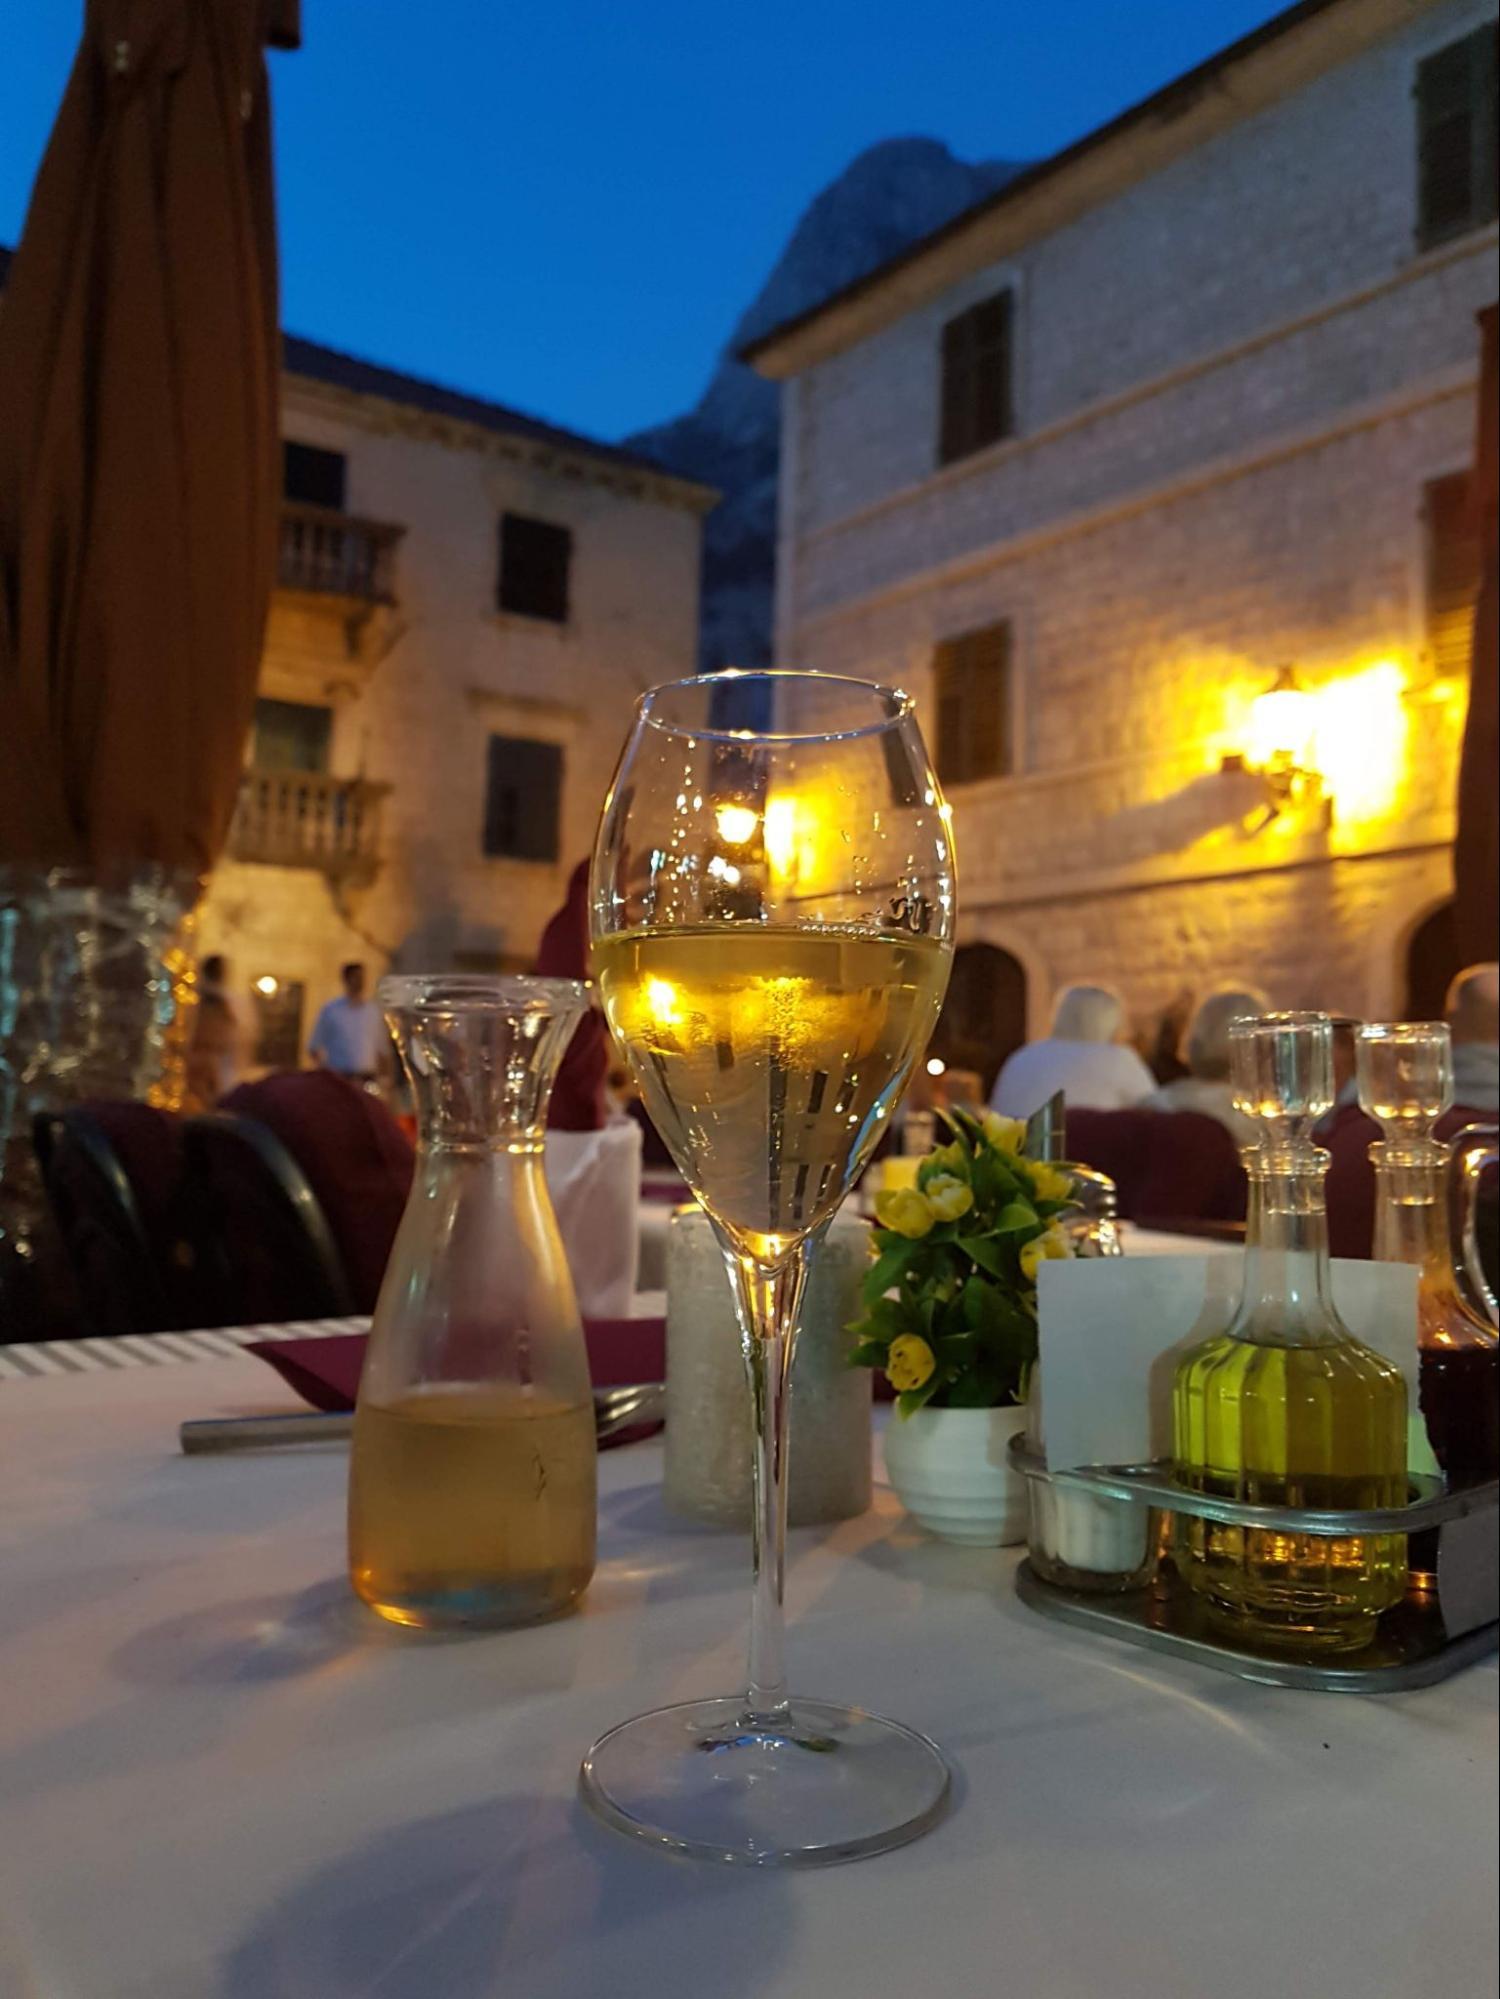 Черногория, Котор. Ужин в старом городе